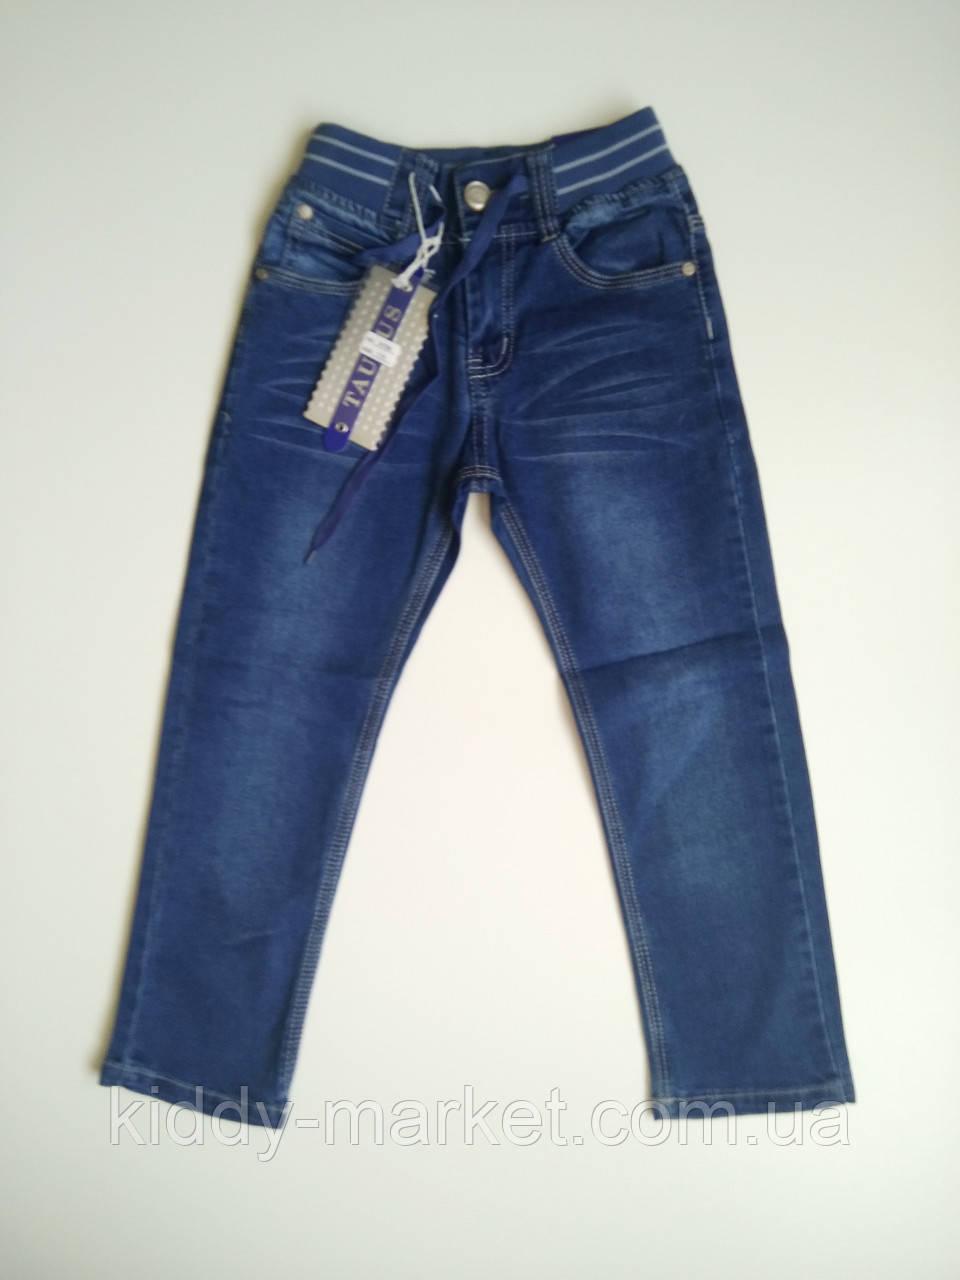 Джинсы  на мальчика,фирма Taurus.Венгрия, джинсы детские 110,116, ,140